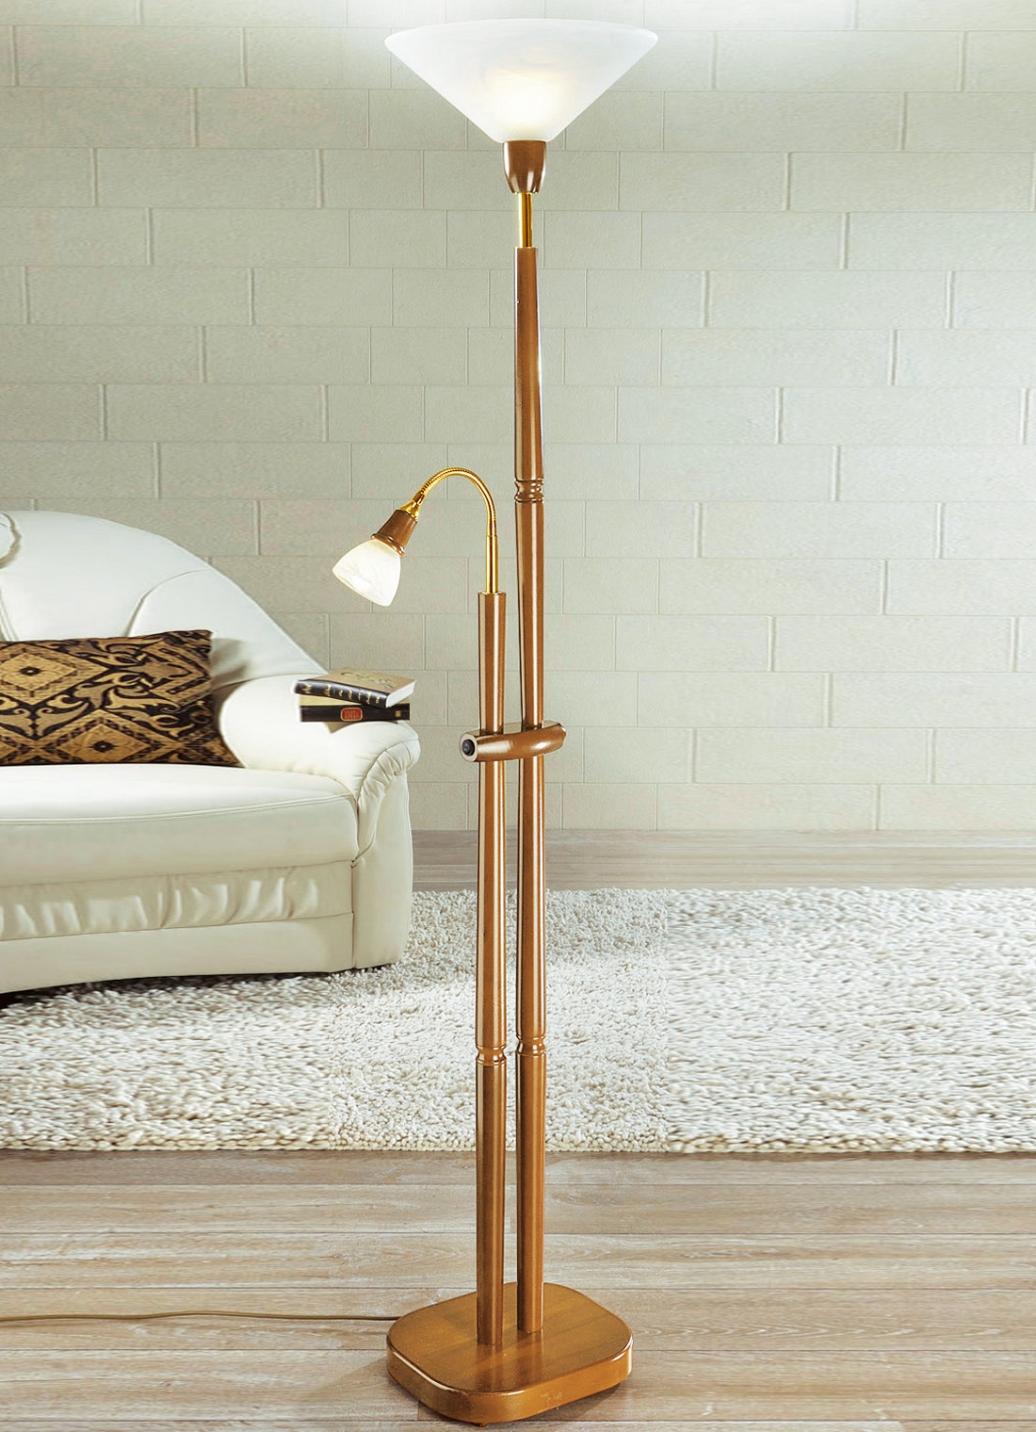 deckenfluter mit leselampe verschiedene farben lampen leuchten brigitte salzburg. Black Bedroom Furniture Sets. Home Design Ideas